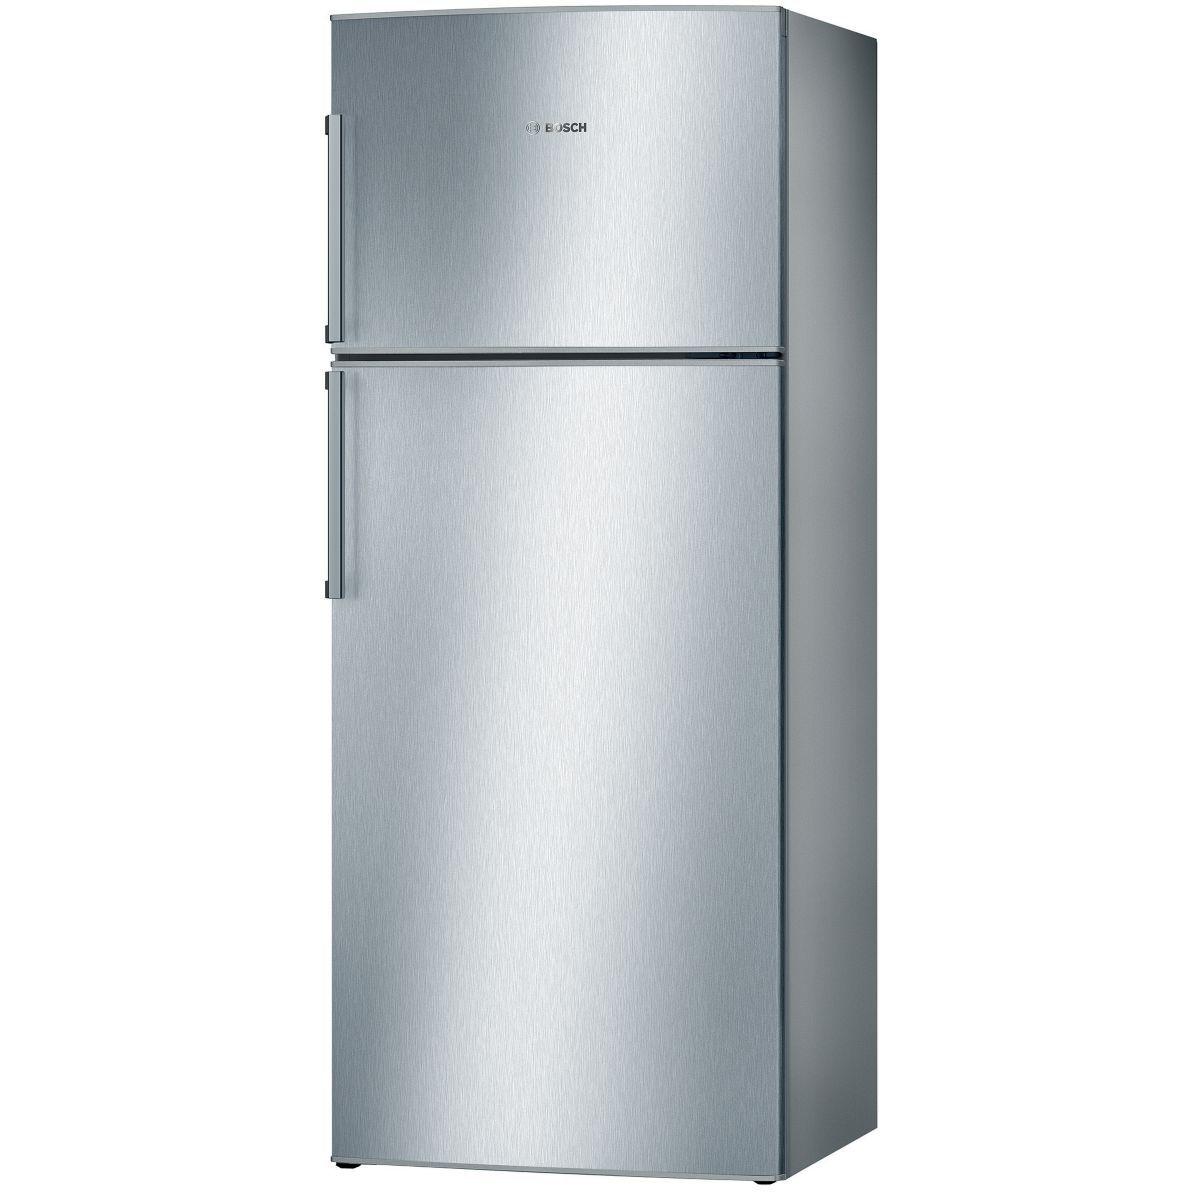 Réfrigérateur congélateur en haut BOSCH KDN53VL20